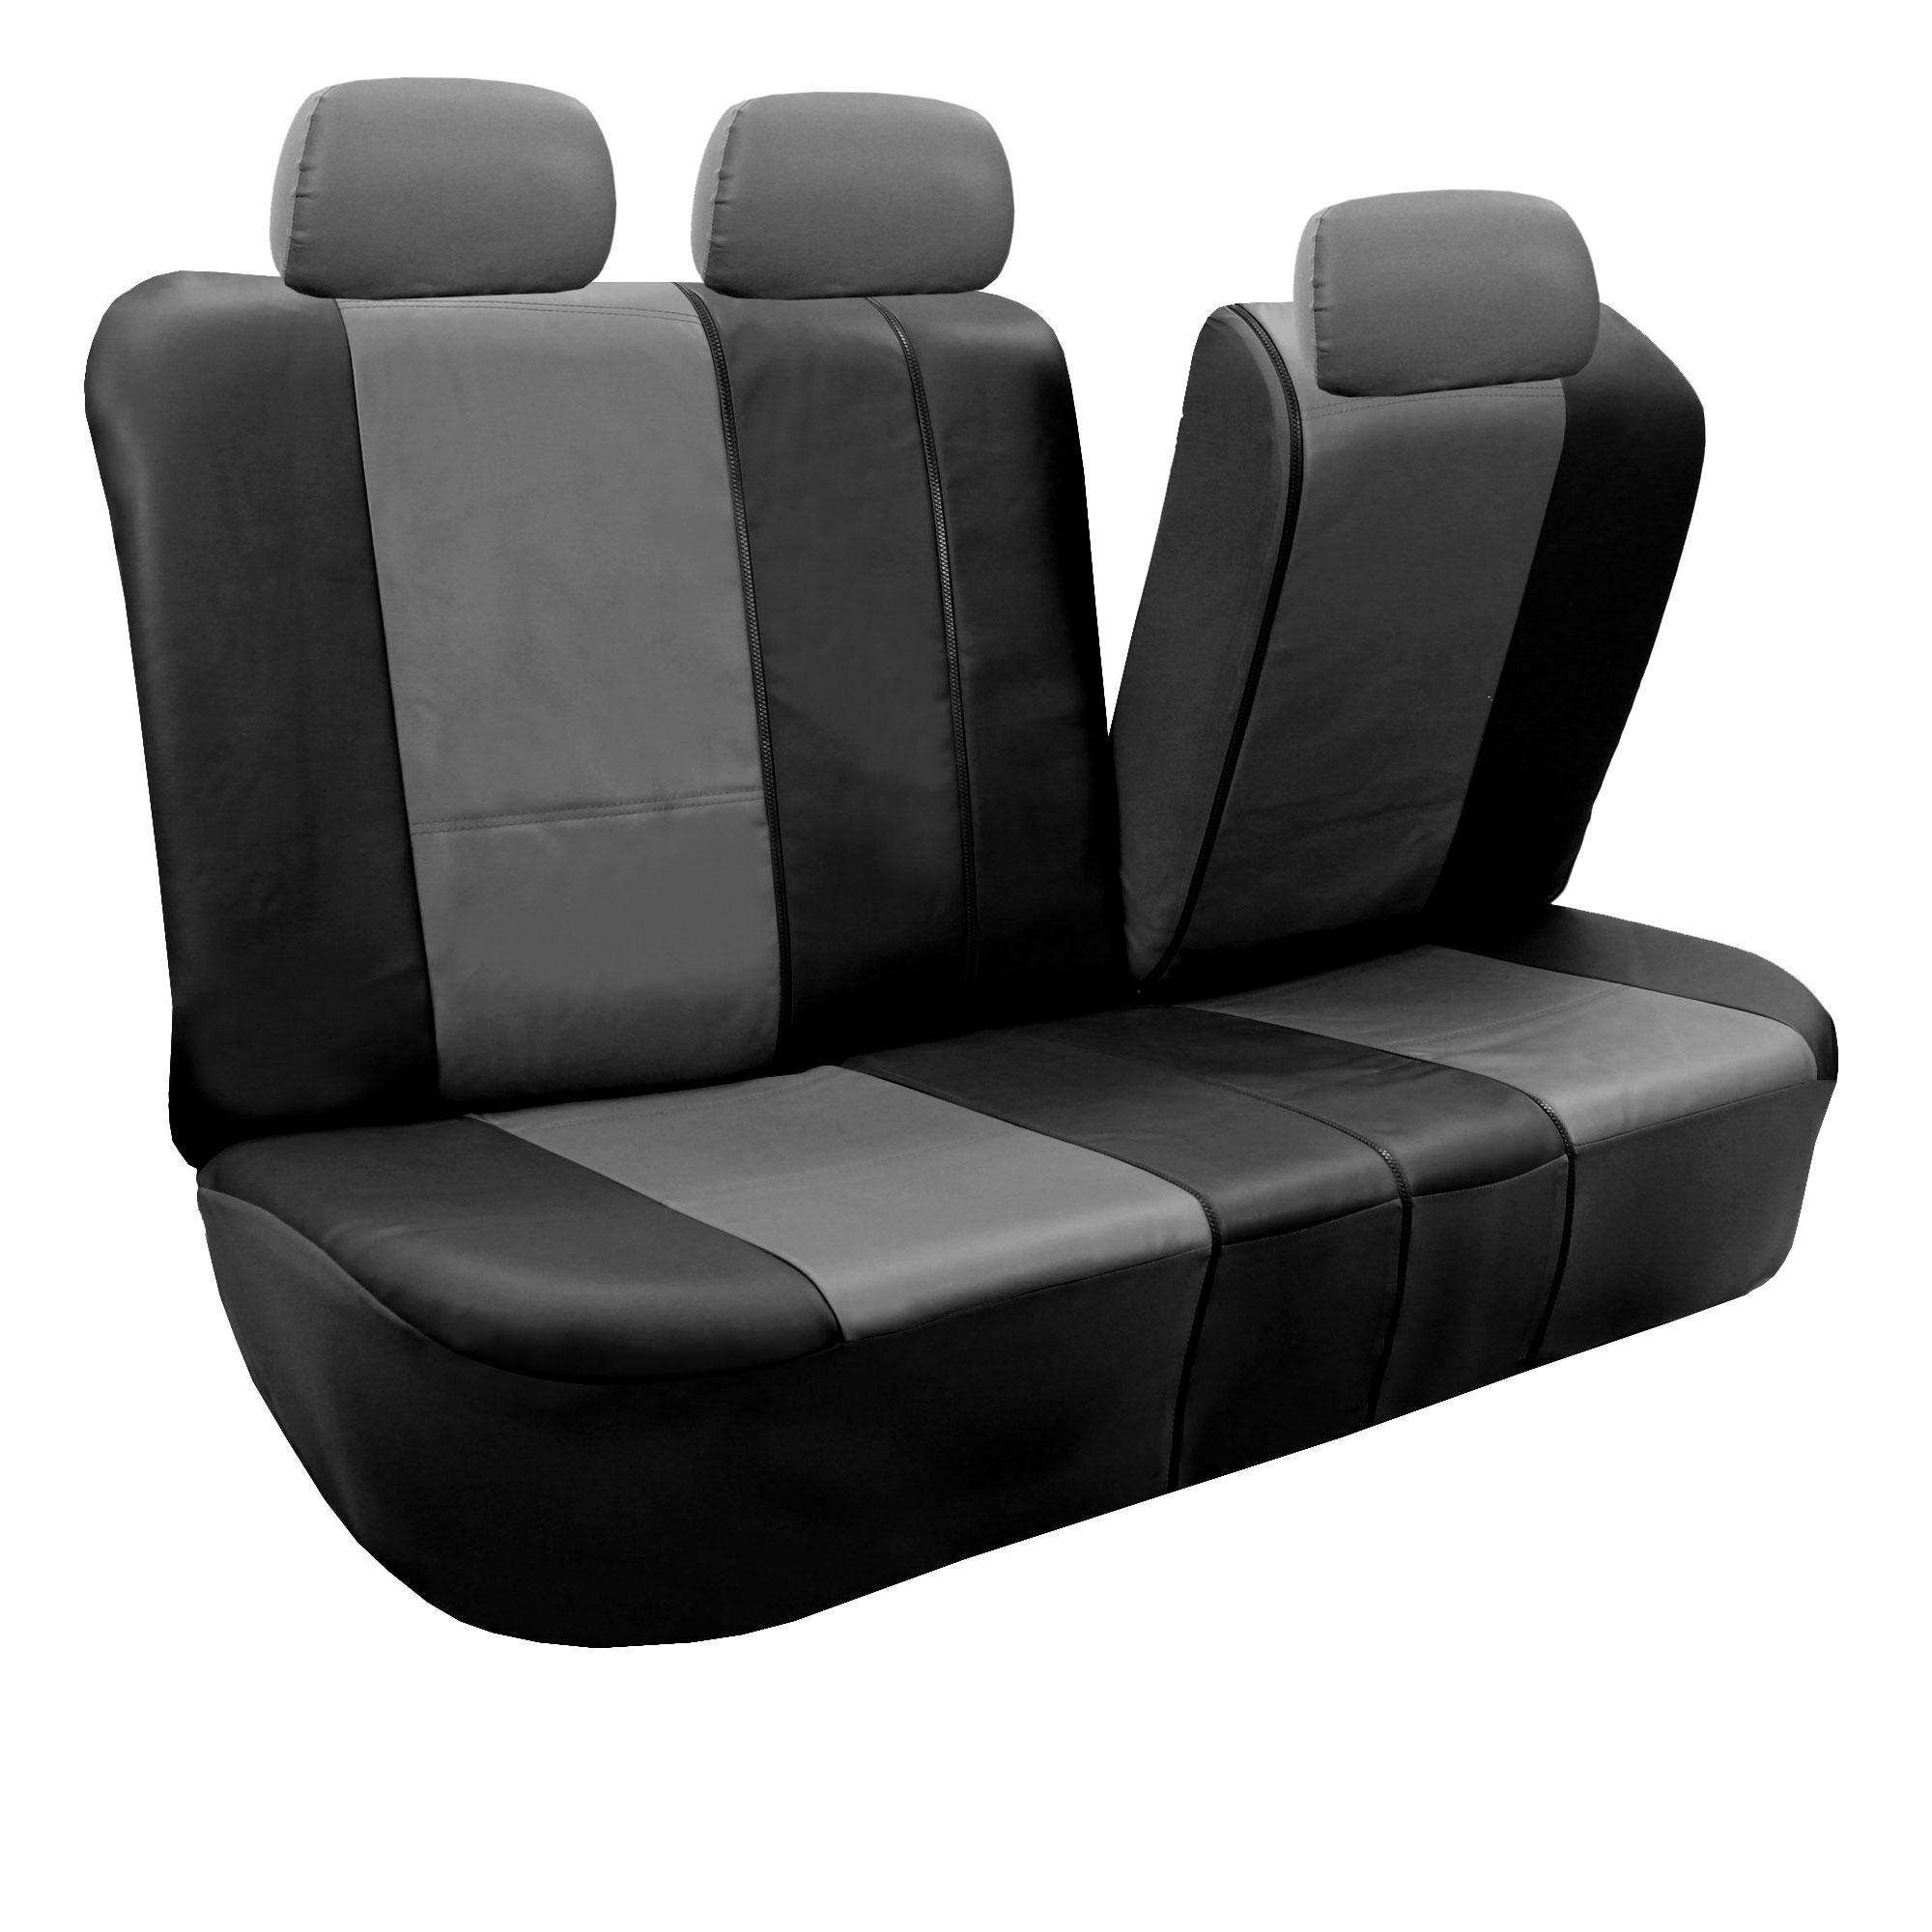 Built In Seat Belt Auto Seat Covers W Beige Floor Mats